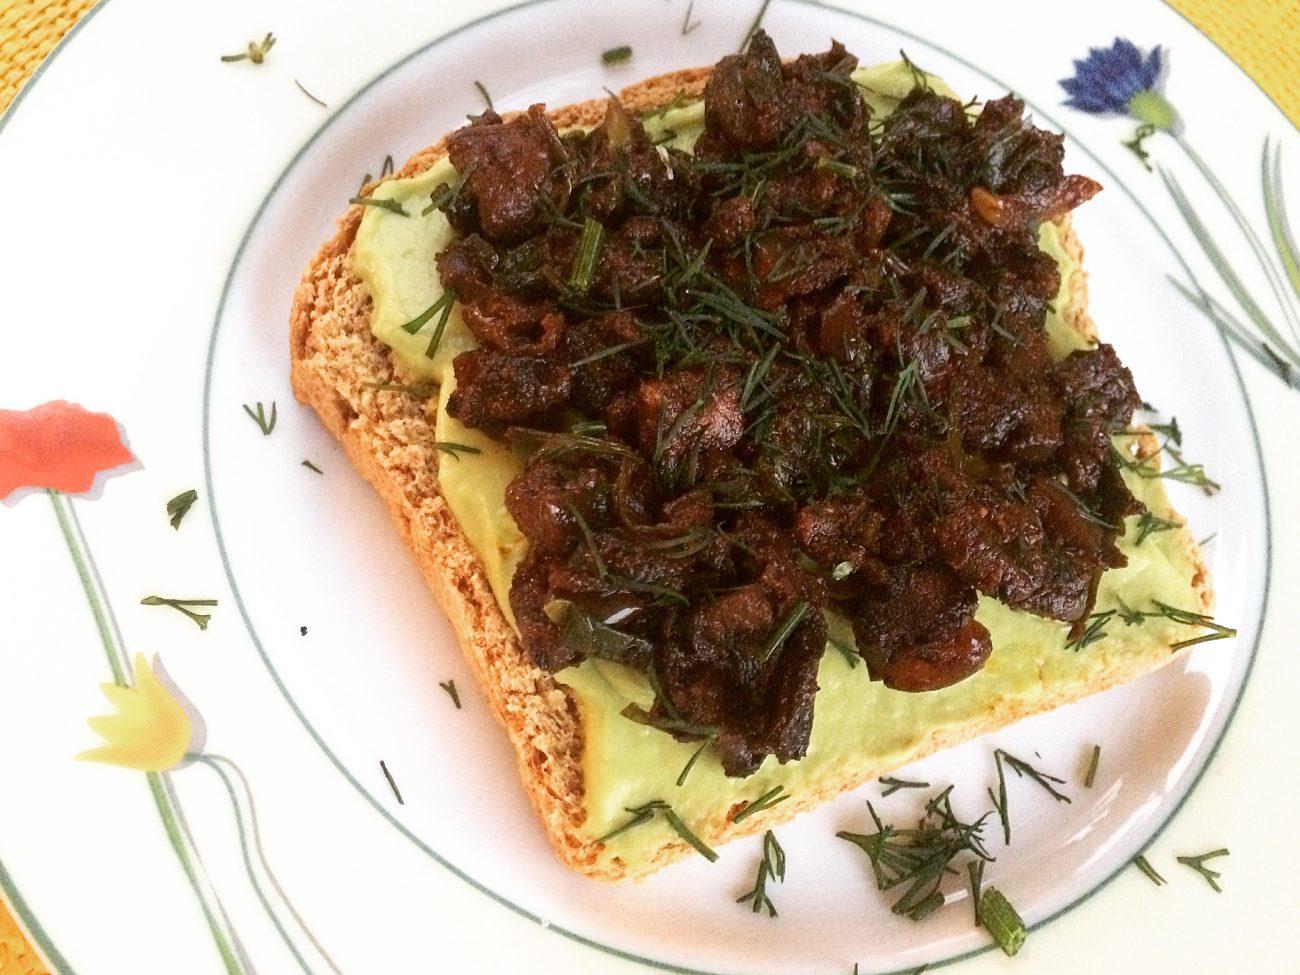 Μπρουσκέτες με αβοκάντο και μανιτάρια